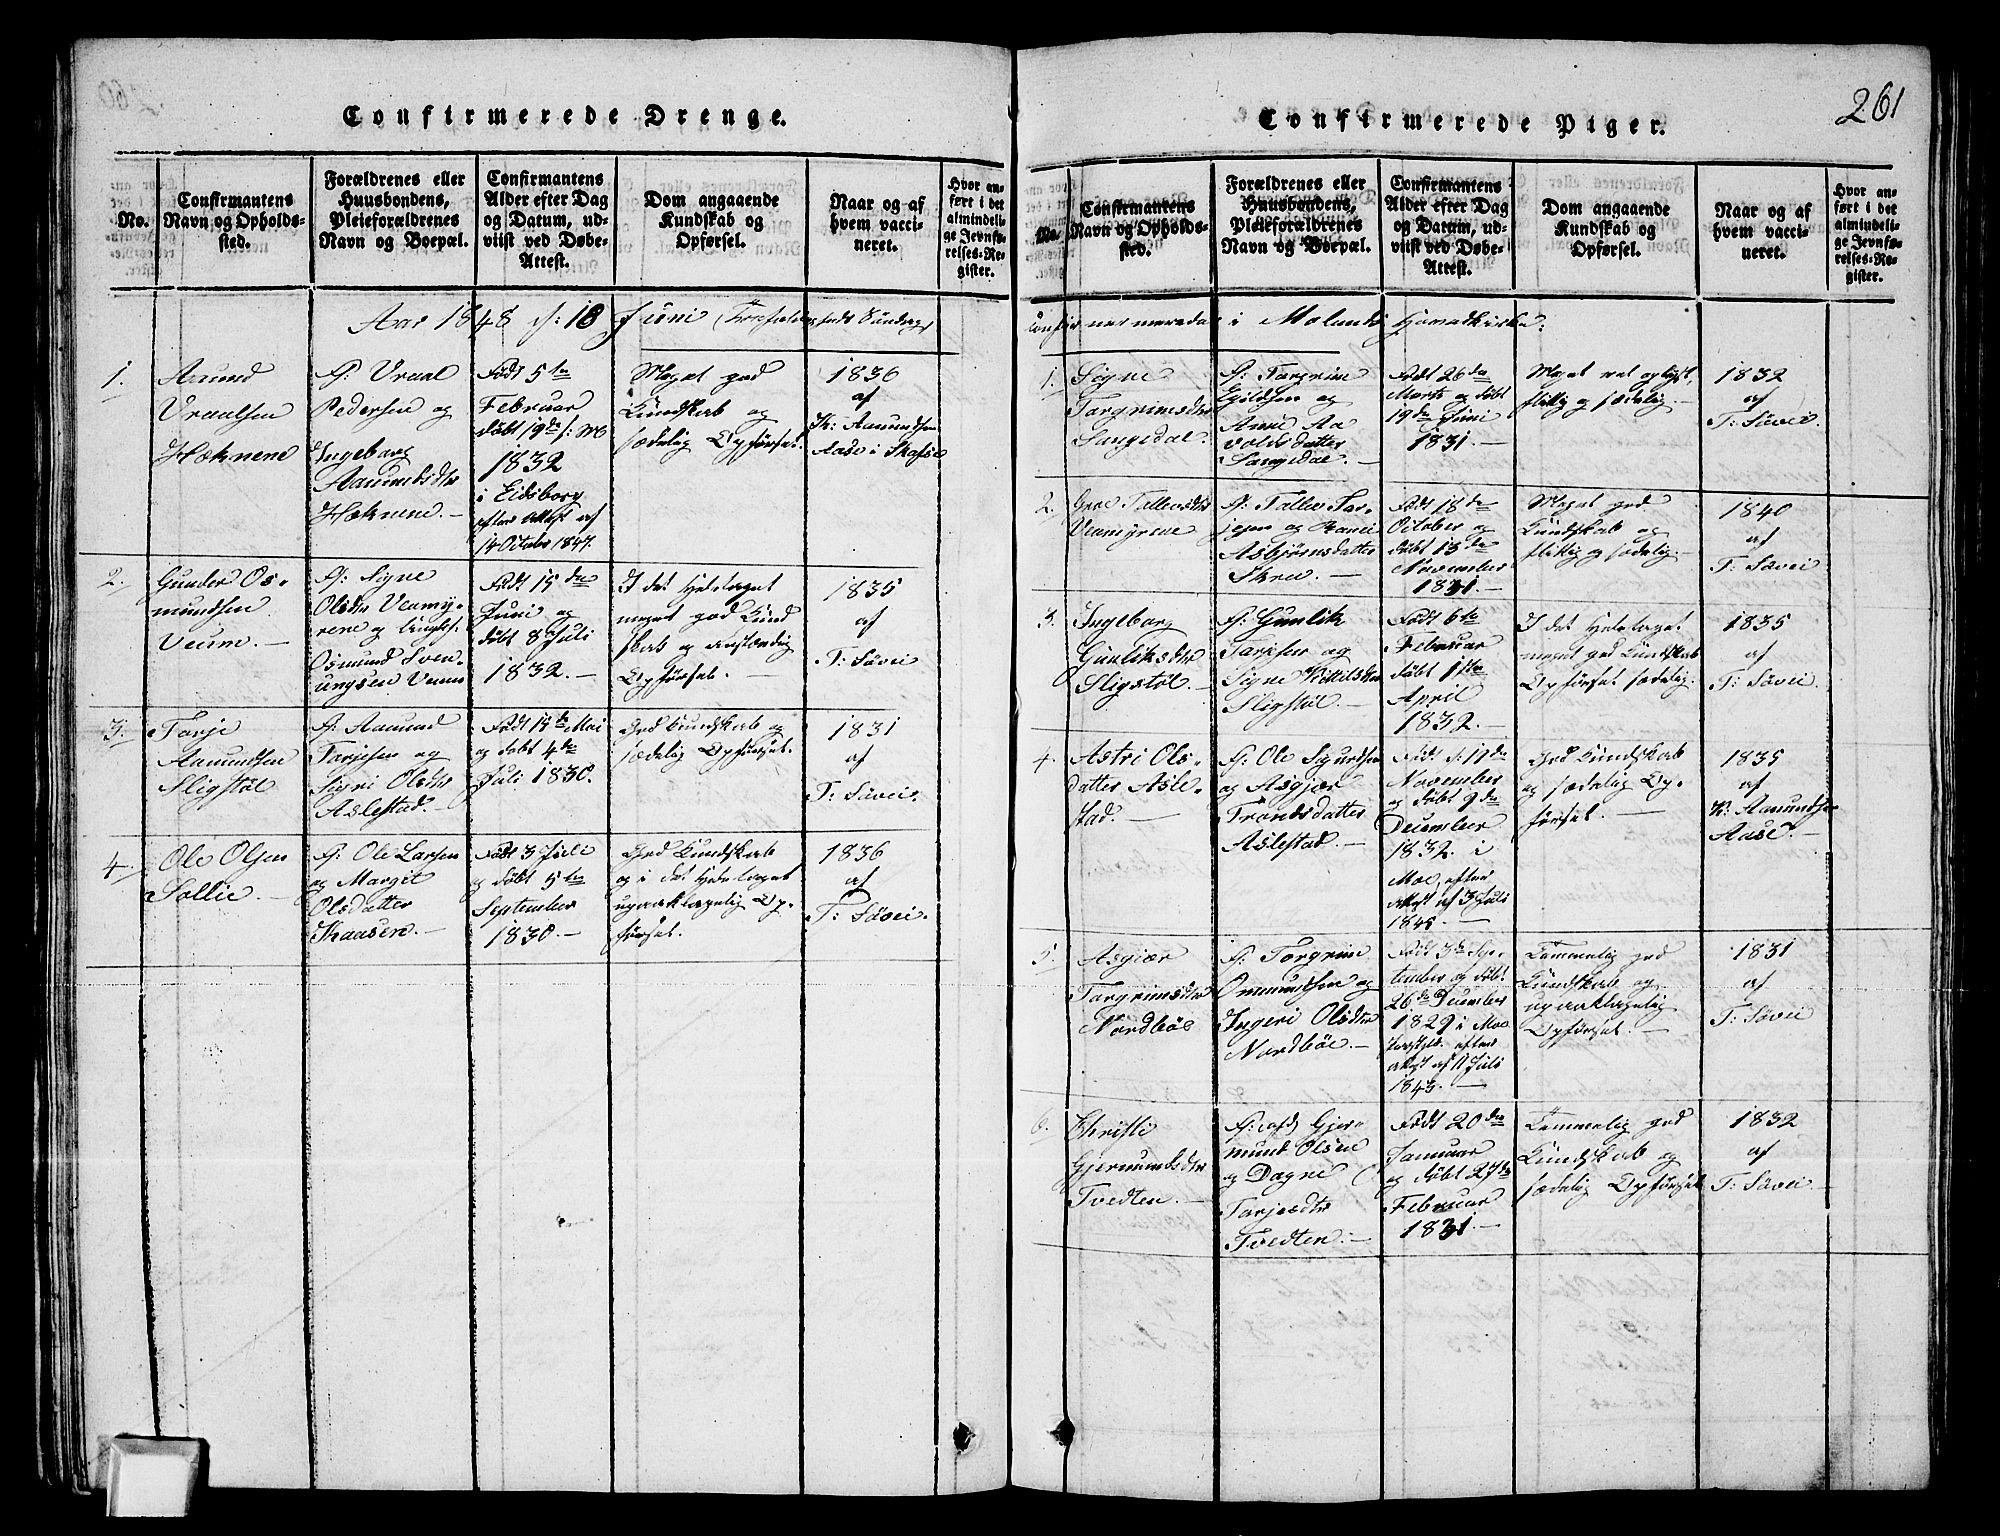 SAKO, Fyresdal kirkebøker, G/Ga/L0003: Klokkerbok nr. I 3, 1815-1863, s. 261